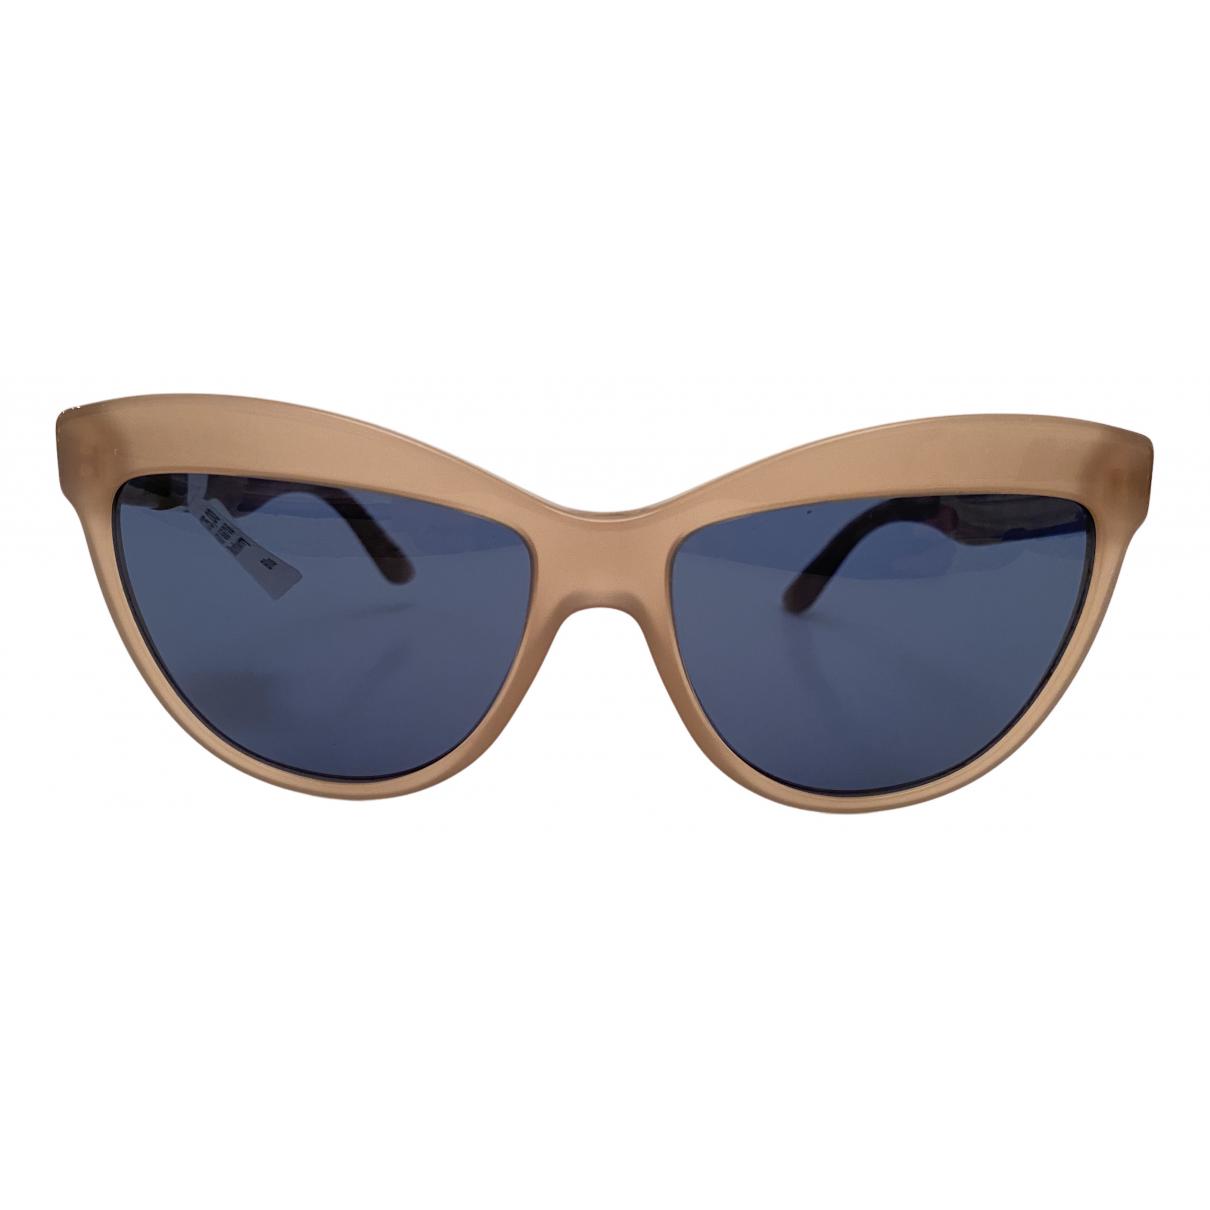 Burberry N Beige Sunglasses for Women N